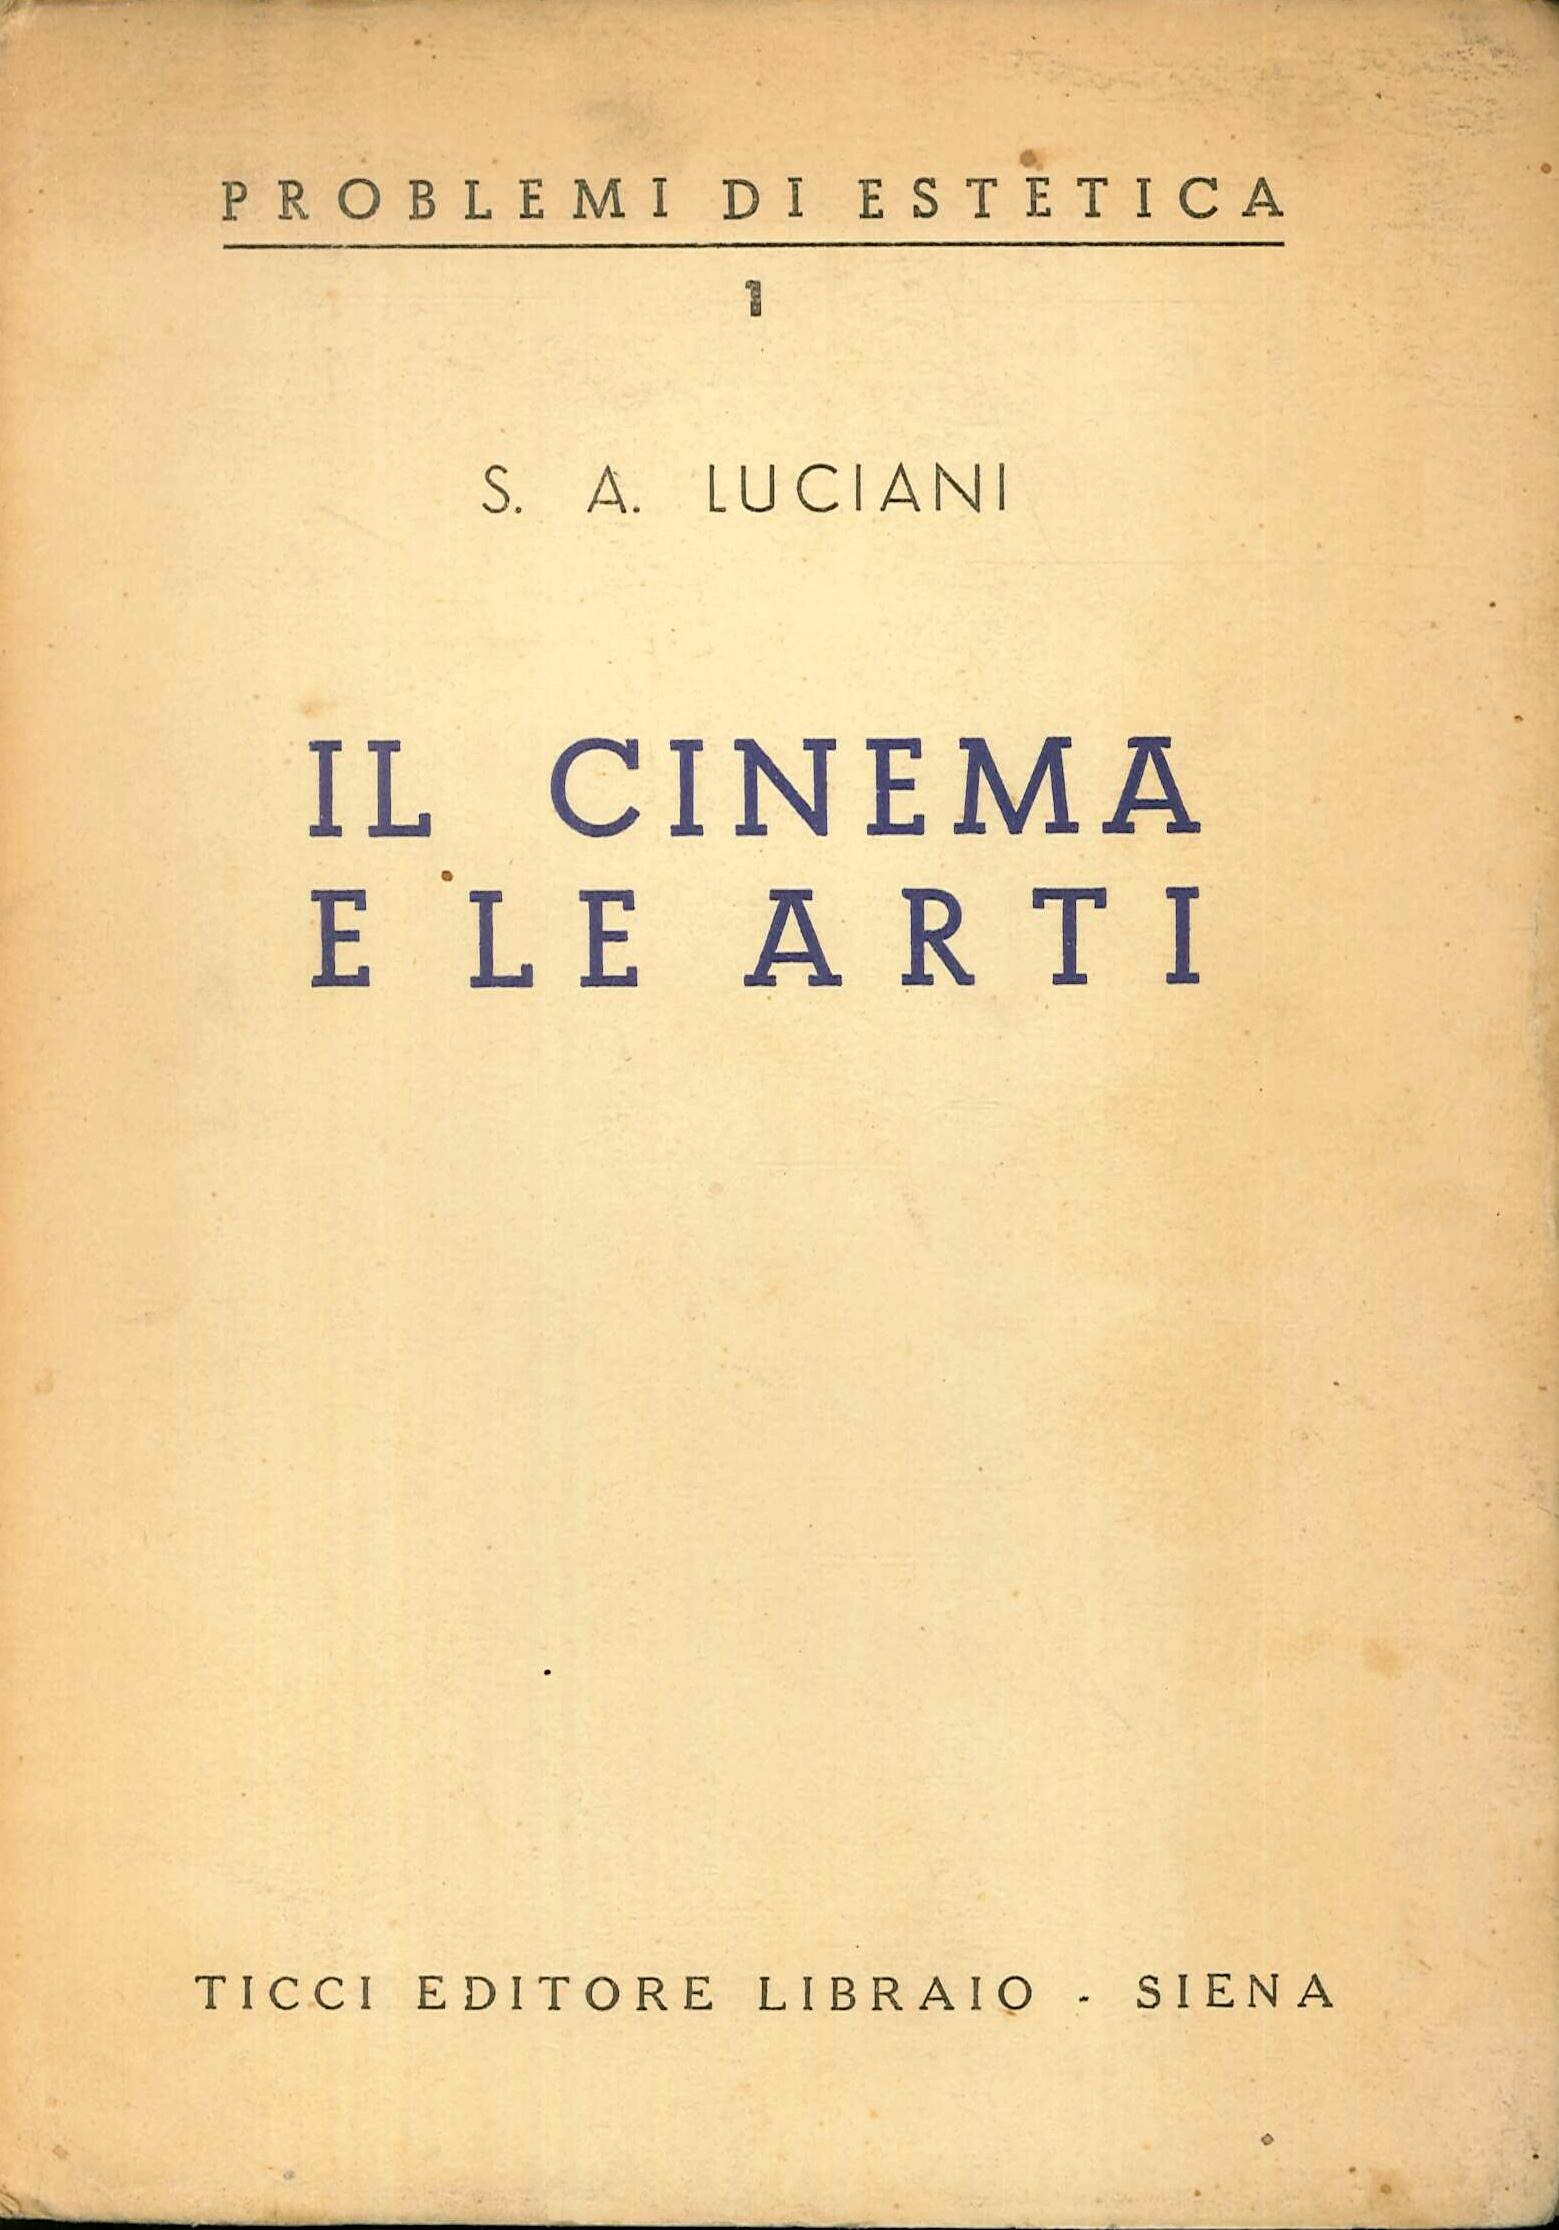 Il Cinema e le Arti. Vol. 1 Problemi di Estetica